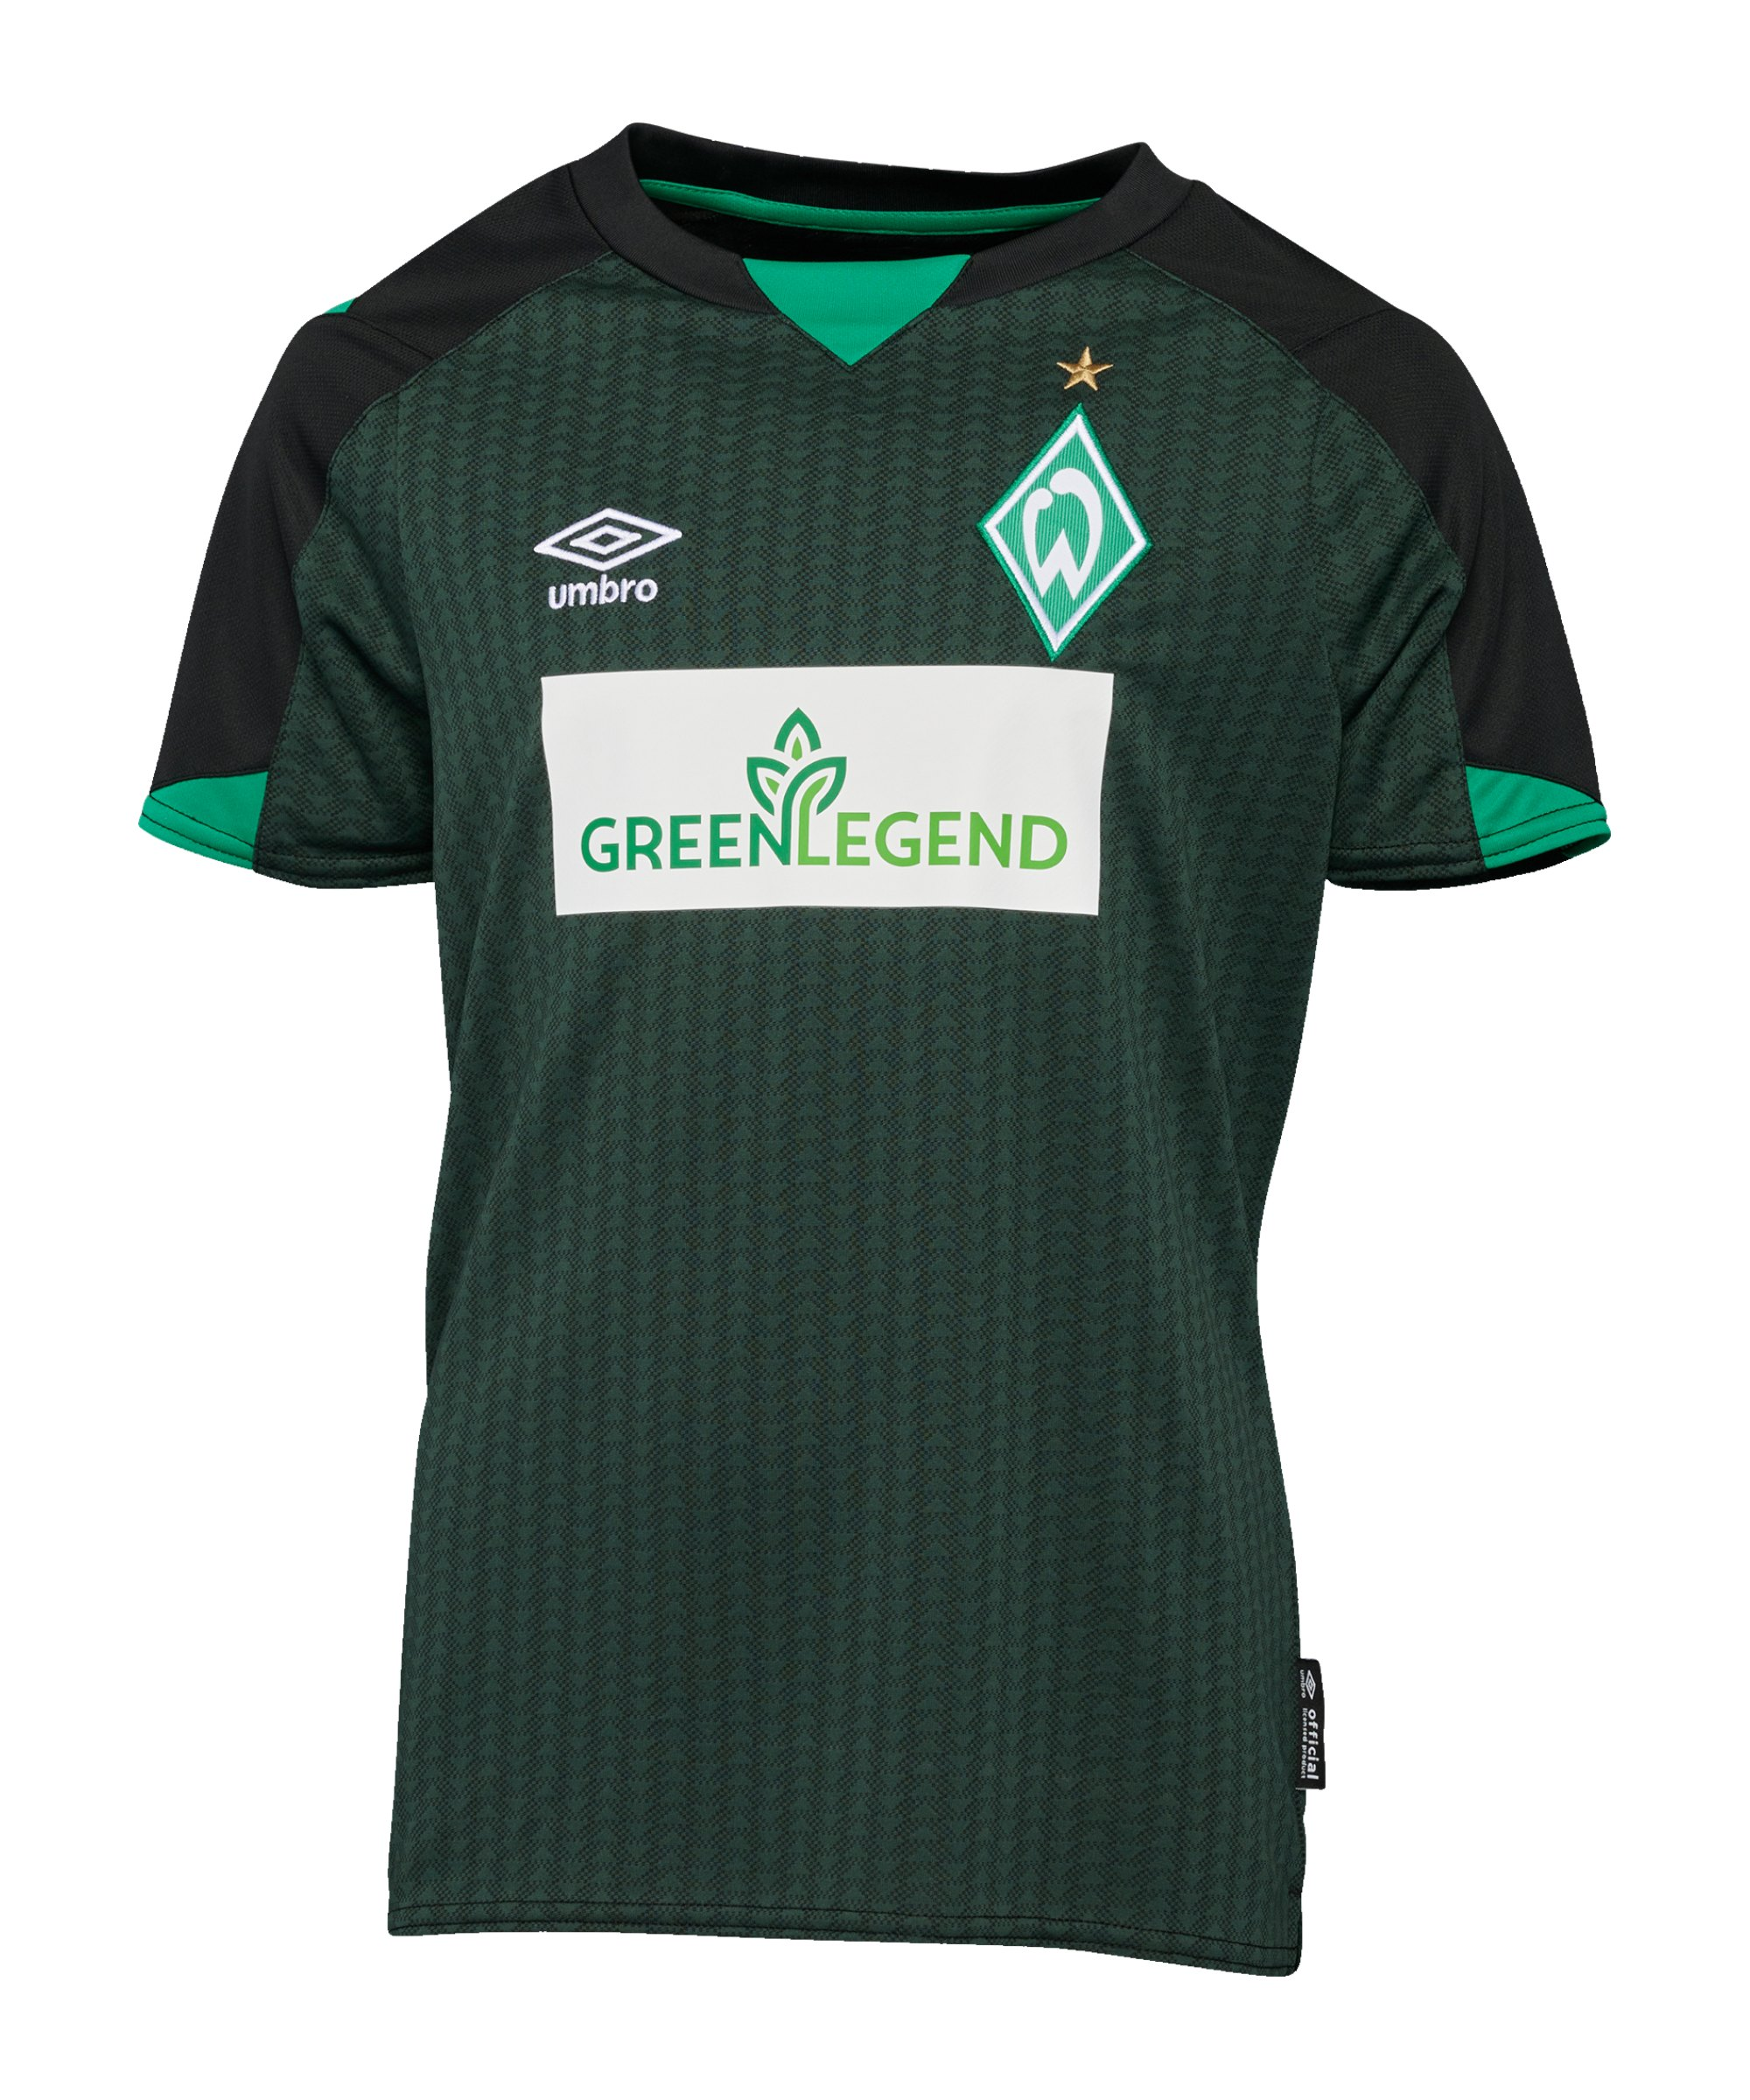 Umbro SV Werder Bremen Trikot 3rd Kids 2021/2022 Schwarz - schwarz